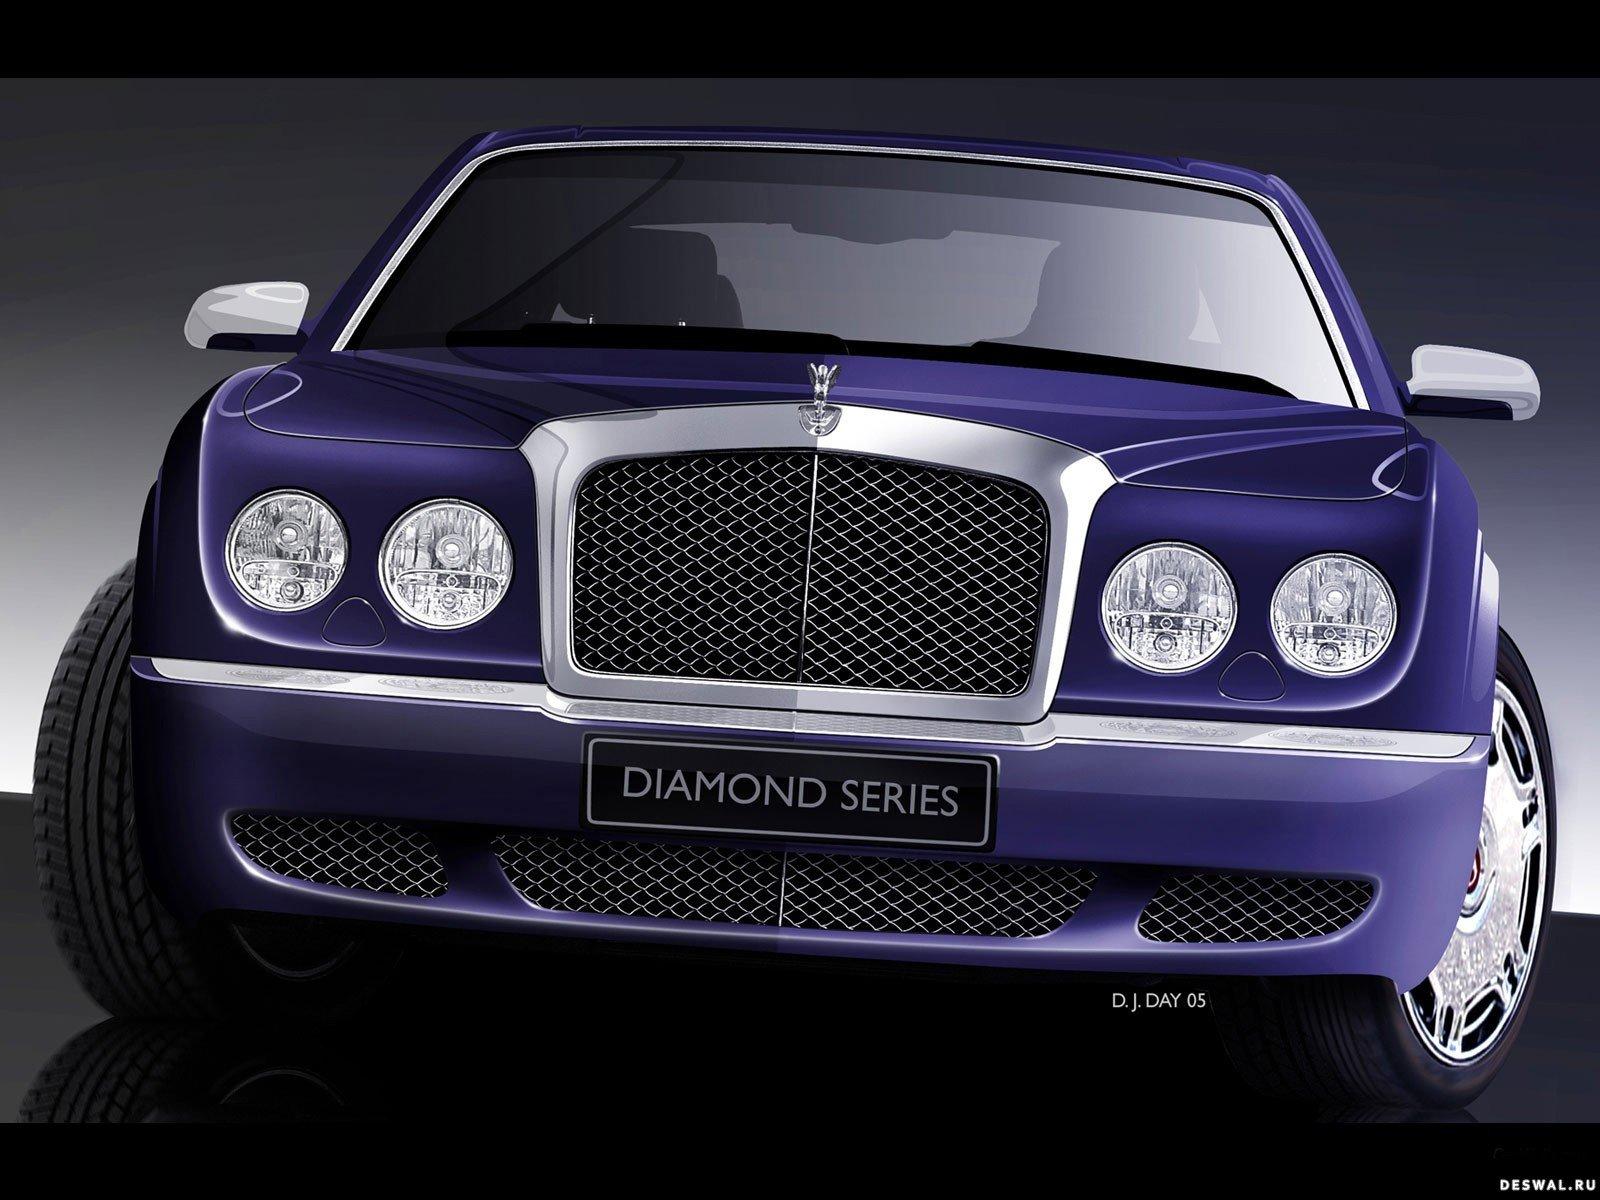 Обои авто Bentley, Нажмите на картинку с обоями автомобиля bentley, чтобы просмотреть ее в реальном размере